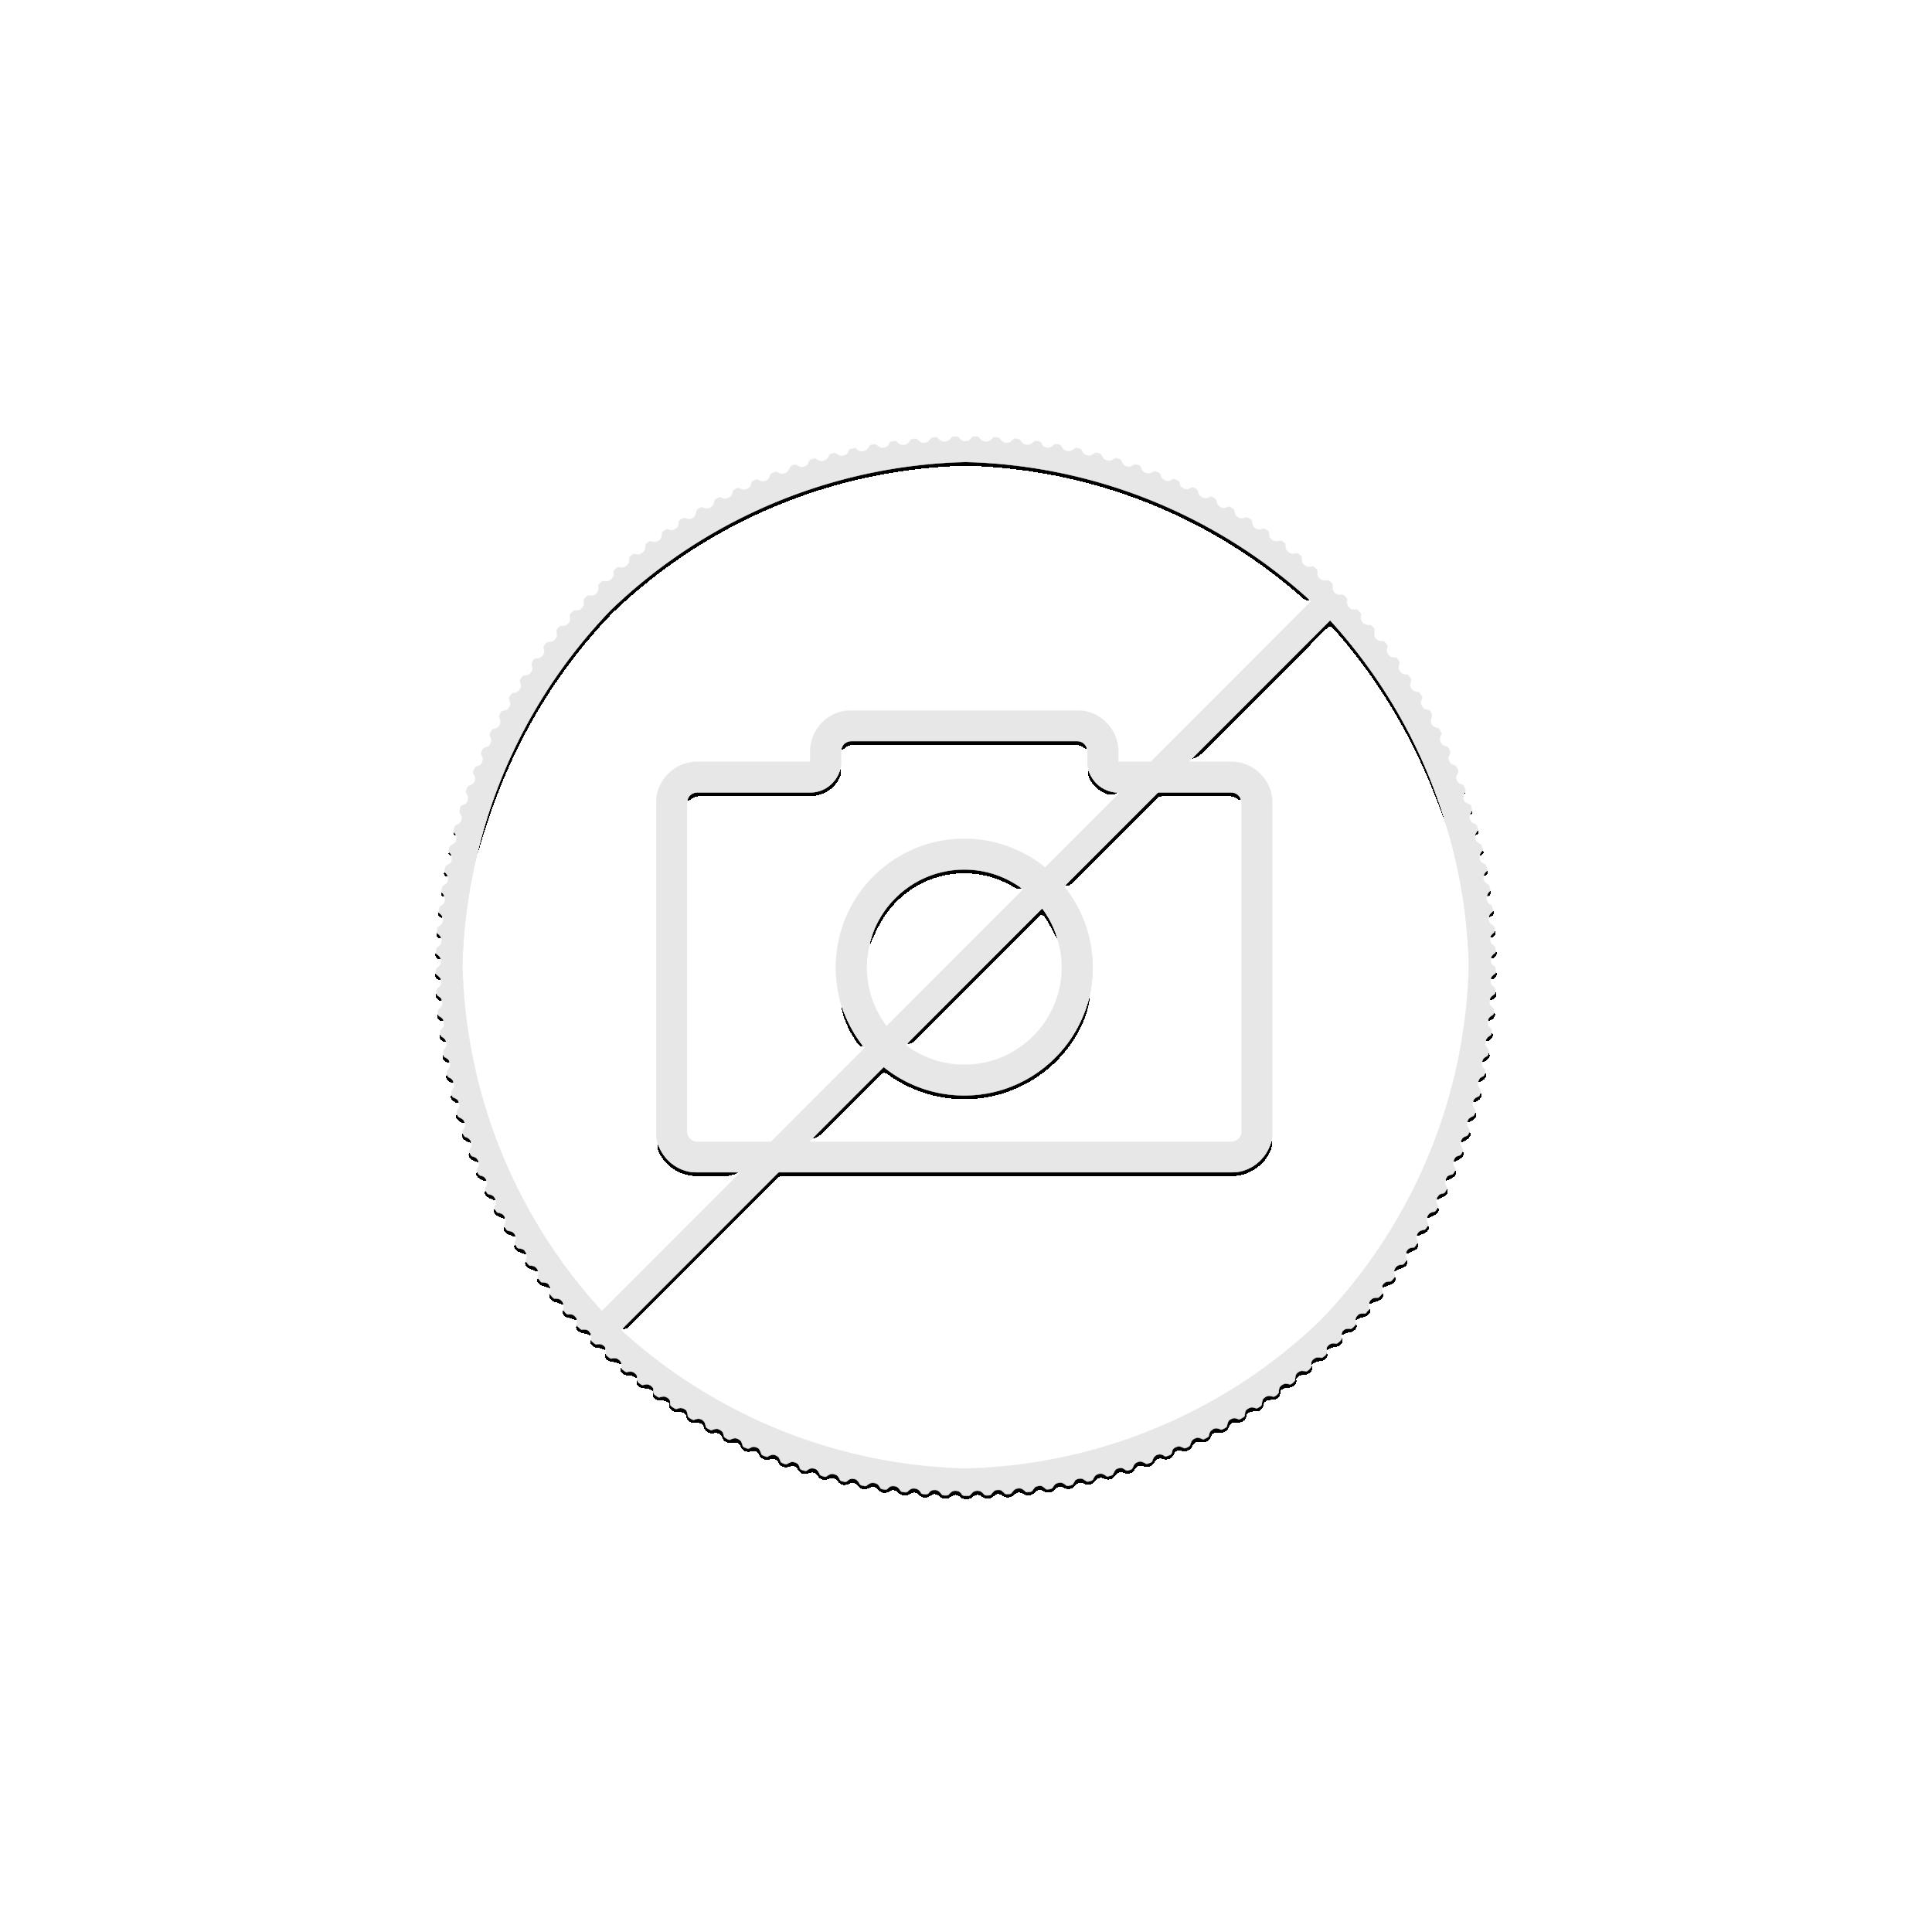 1/2 troy ounce zilveren munt Brotherhood 2021 Proof